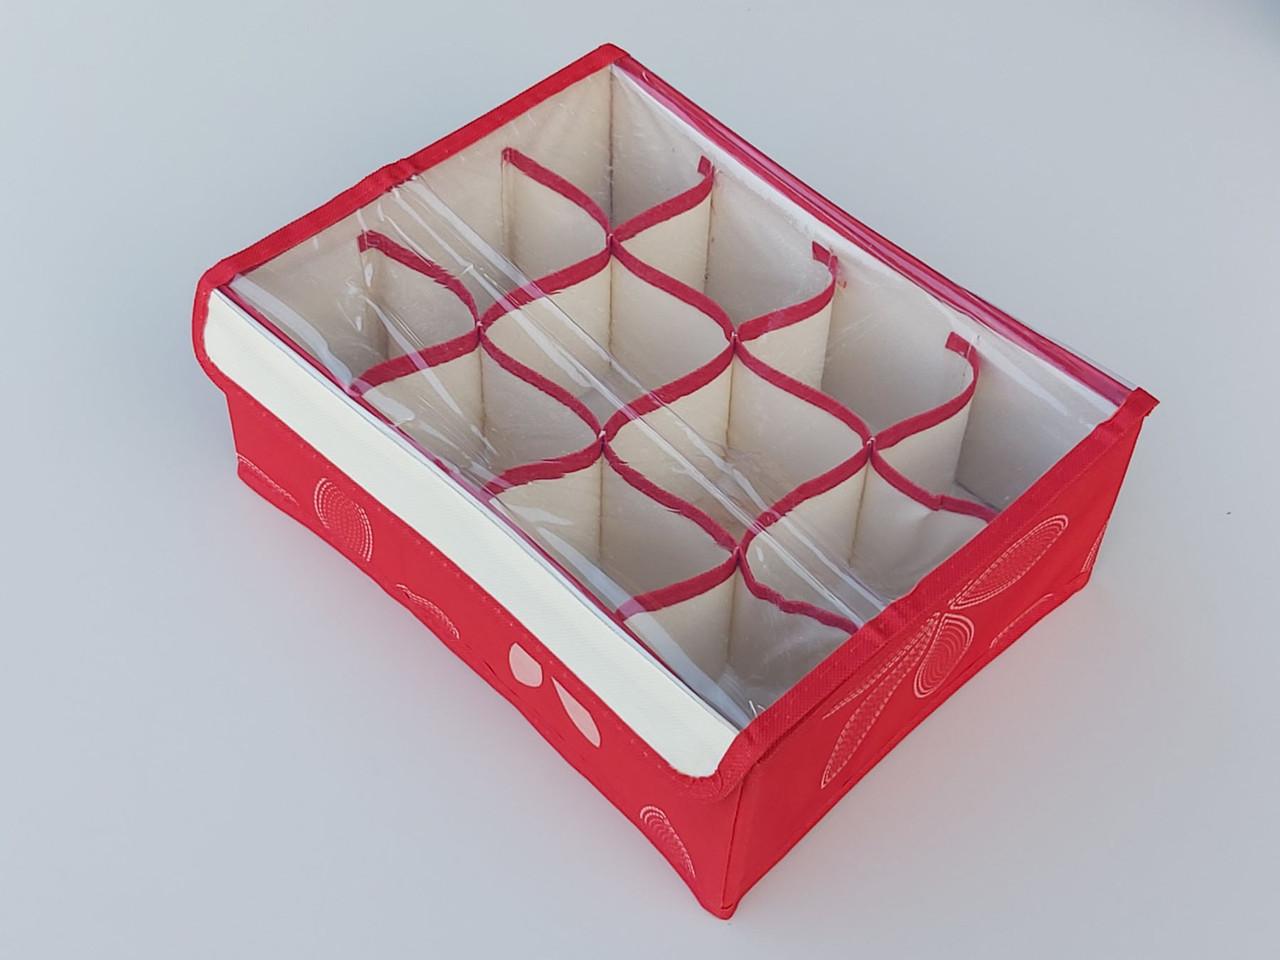 Органайзер с крышкой на 12 отделений для хранения нижнего белья и мелких предметов одежды. Цвет красный